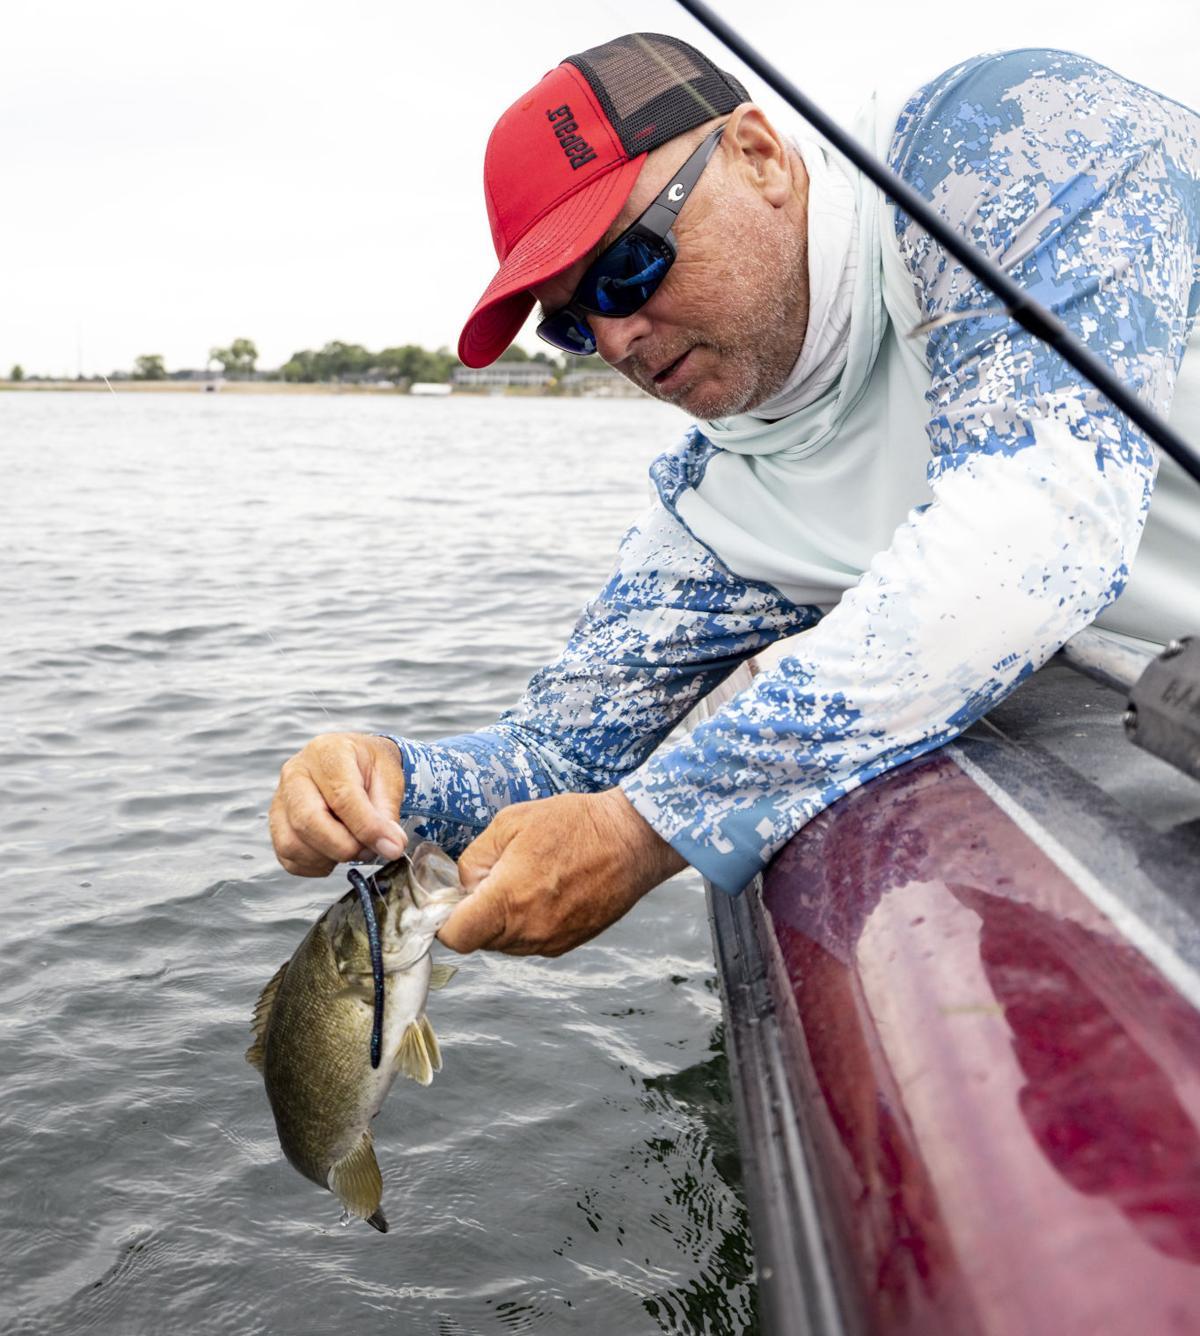 Fishing guide John Grosvenor